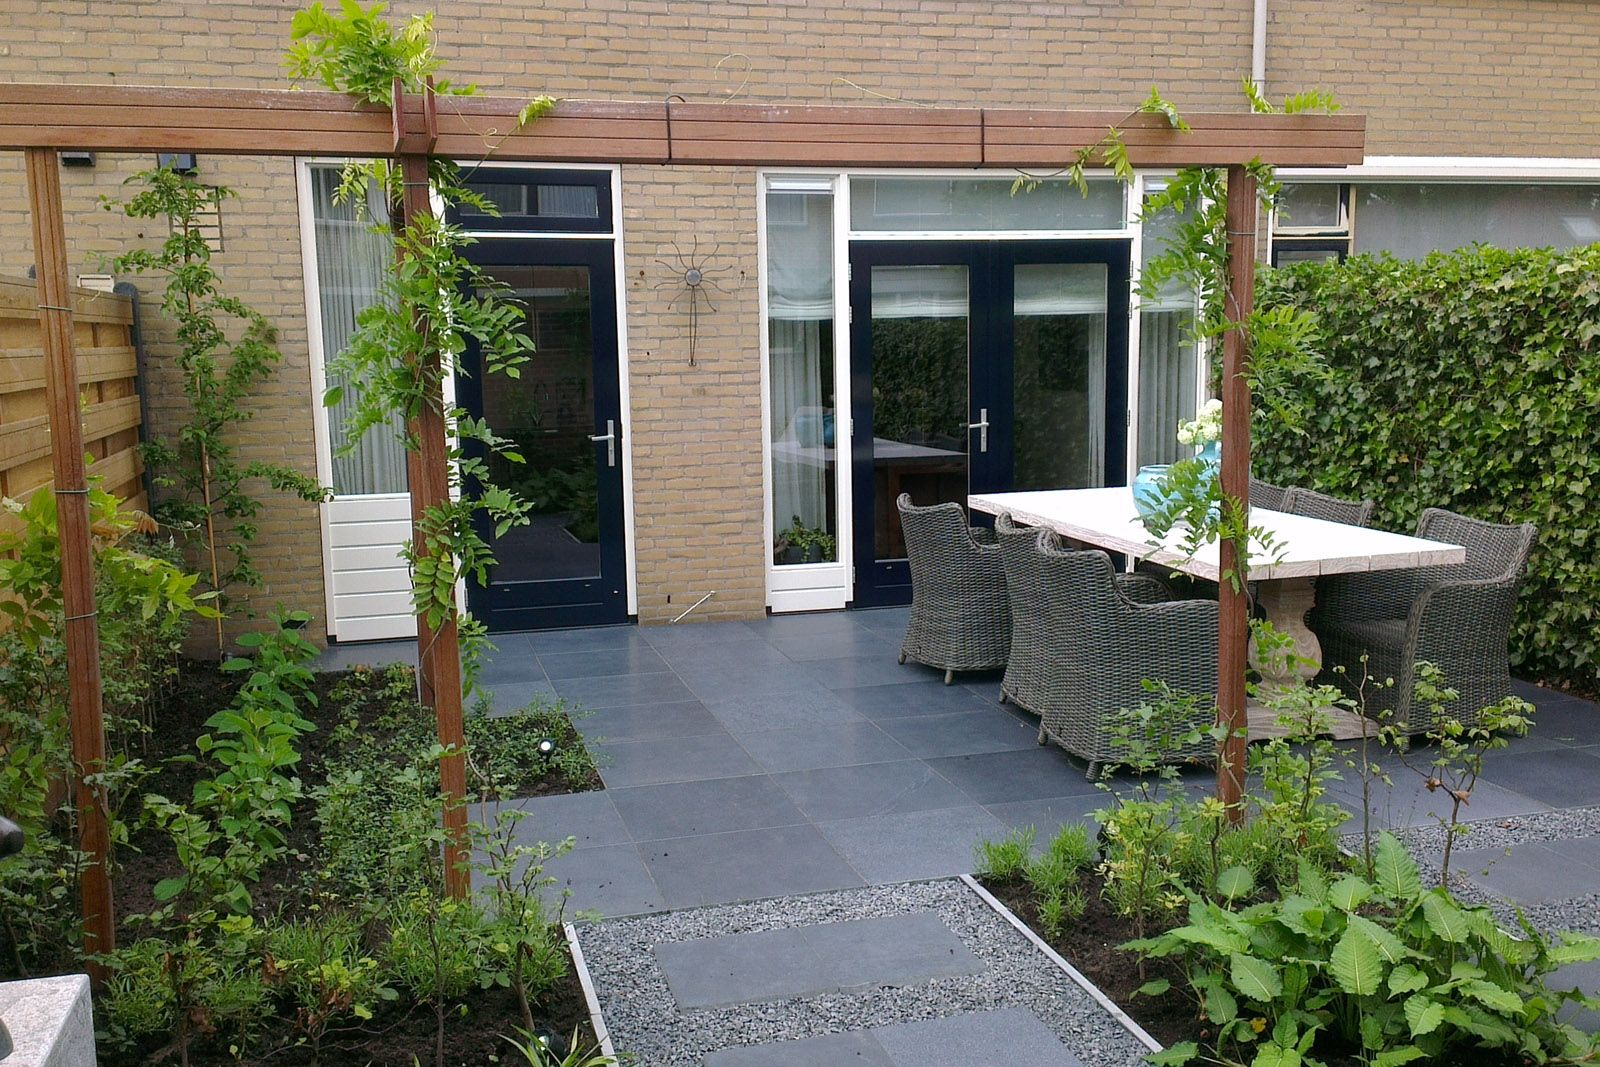 Ontwerp Kleine Tuin : Ontwerp kleine tuin Ландшафтный дизайн in tuin m tuin